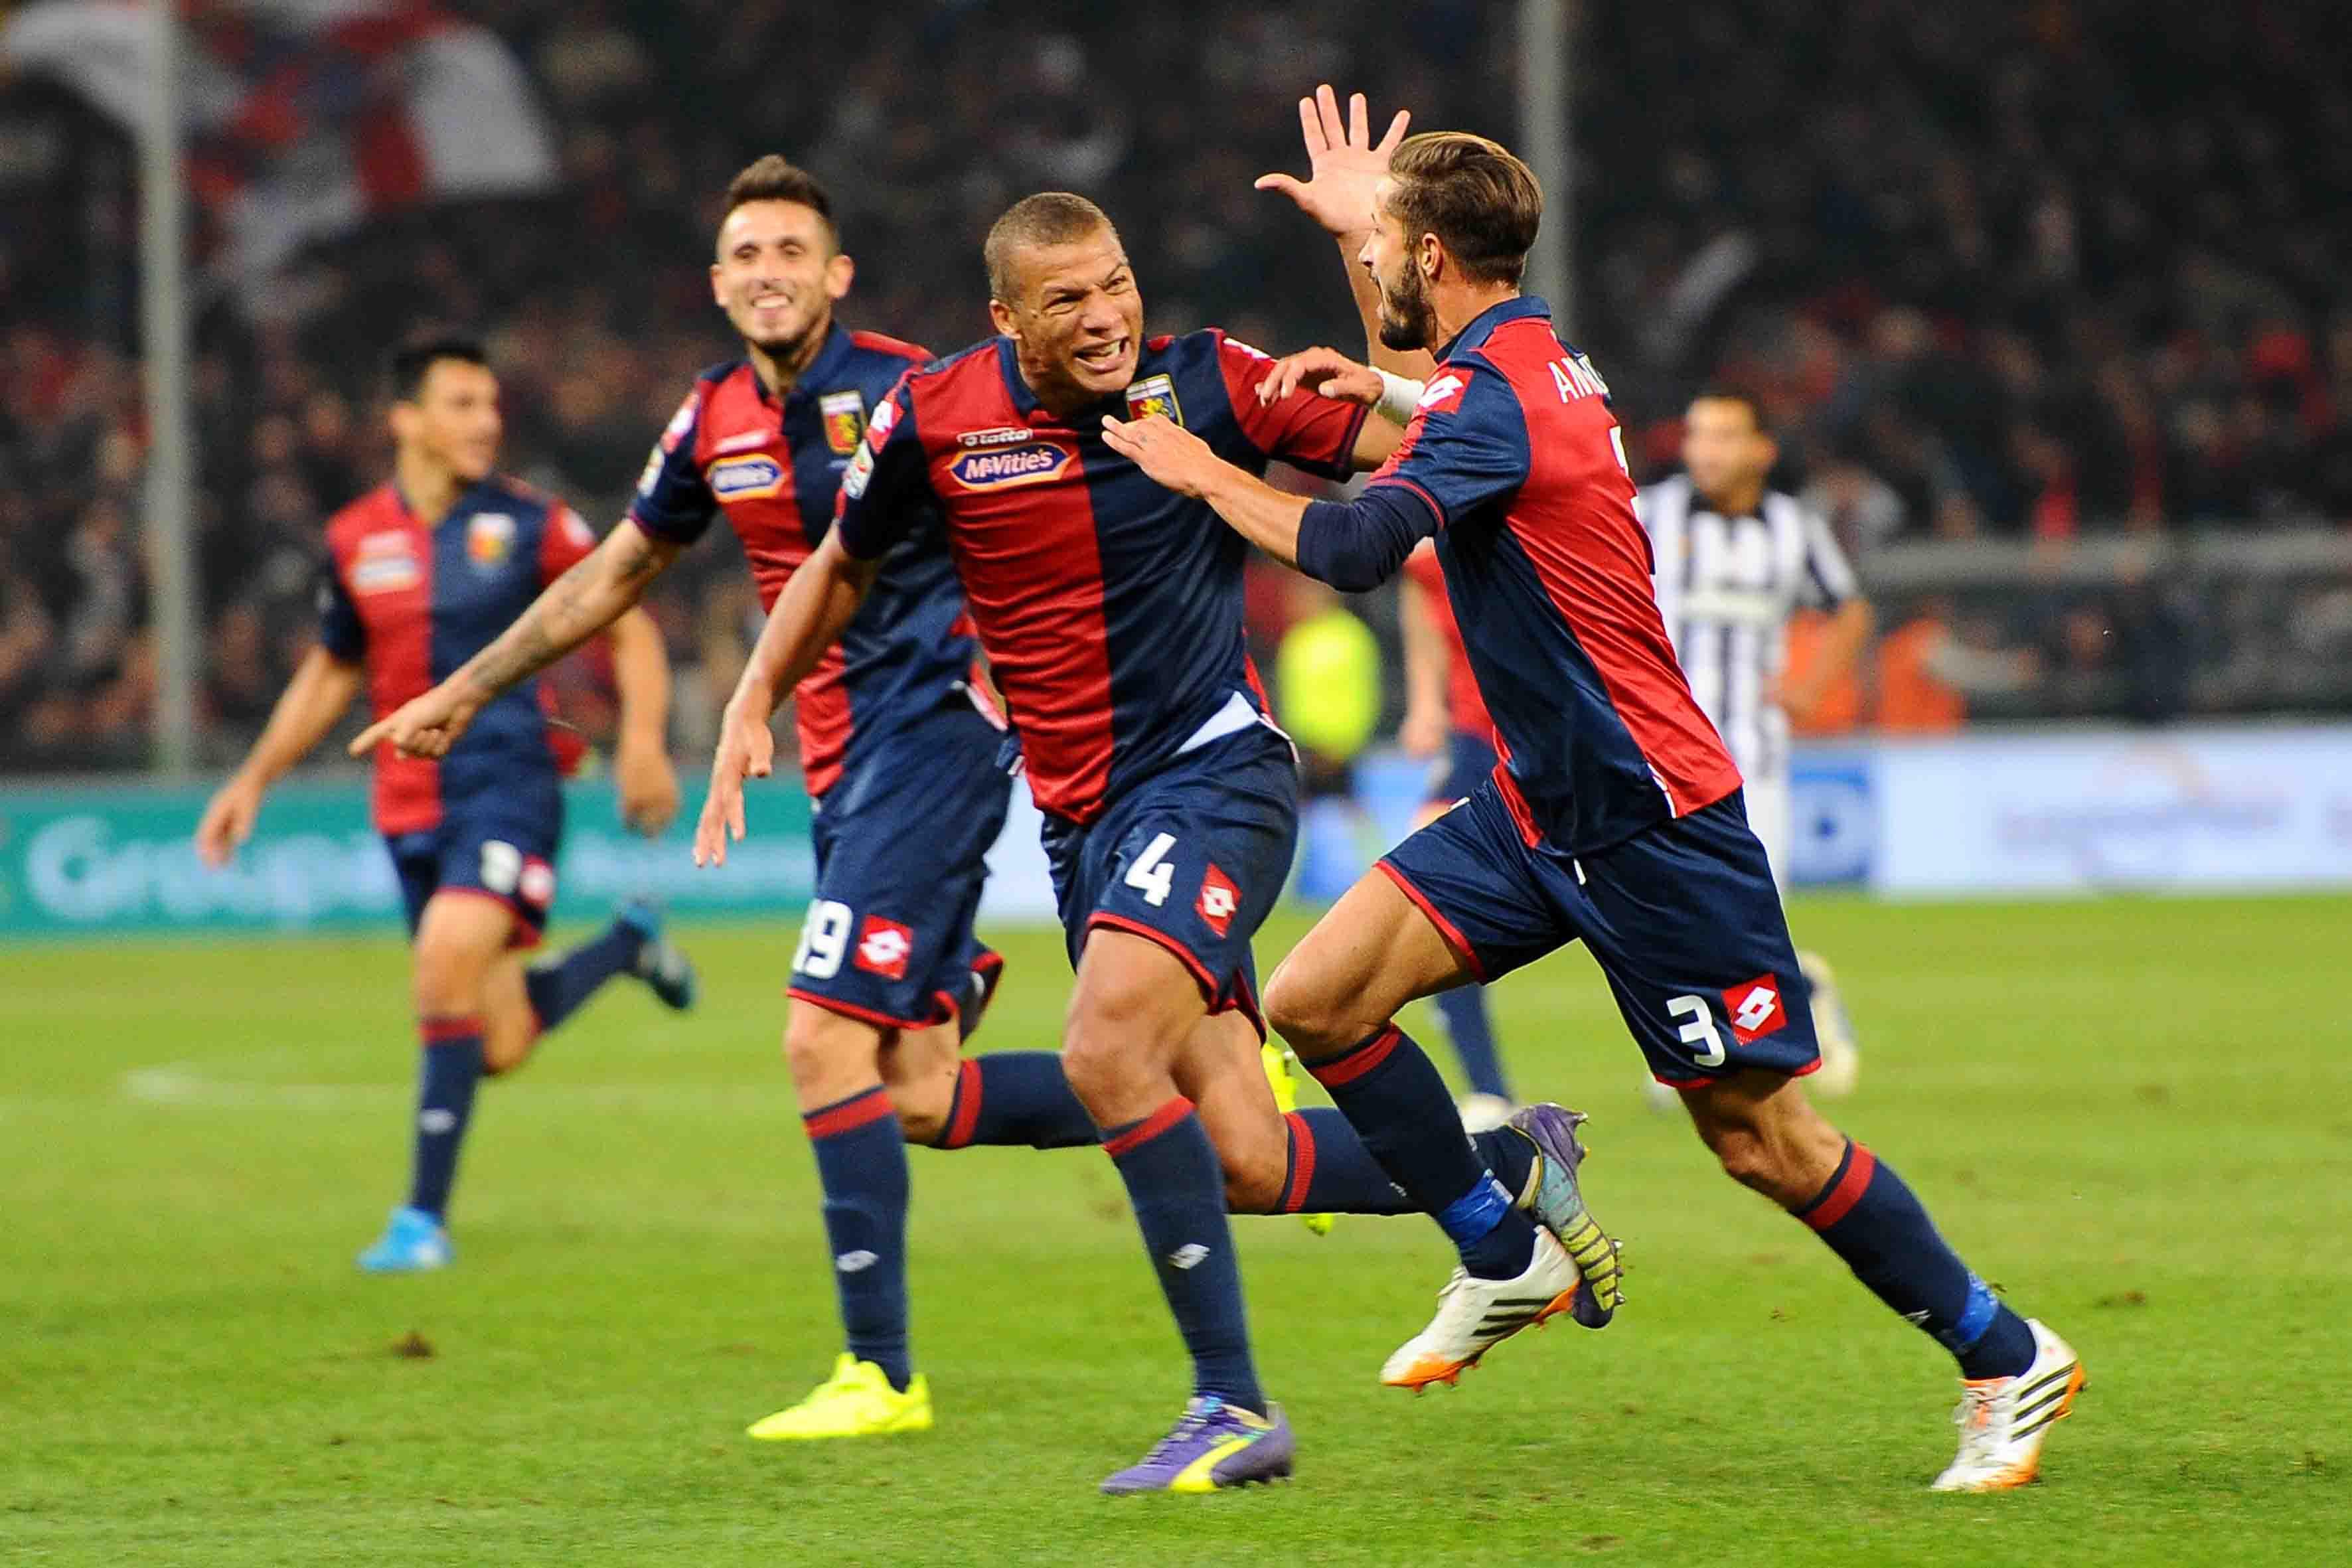 29-10-2014 Genoa - Juventus Serie A Tim 2014/2015